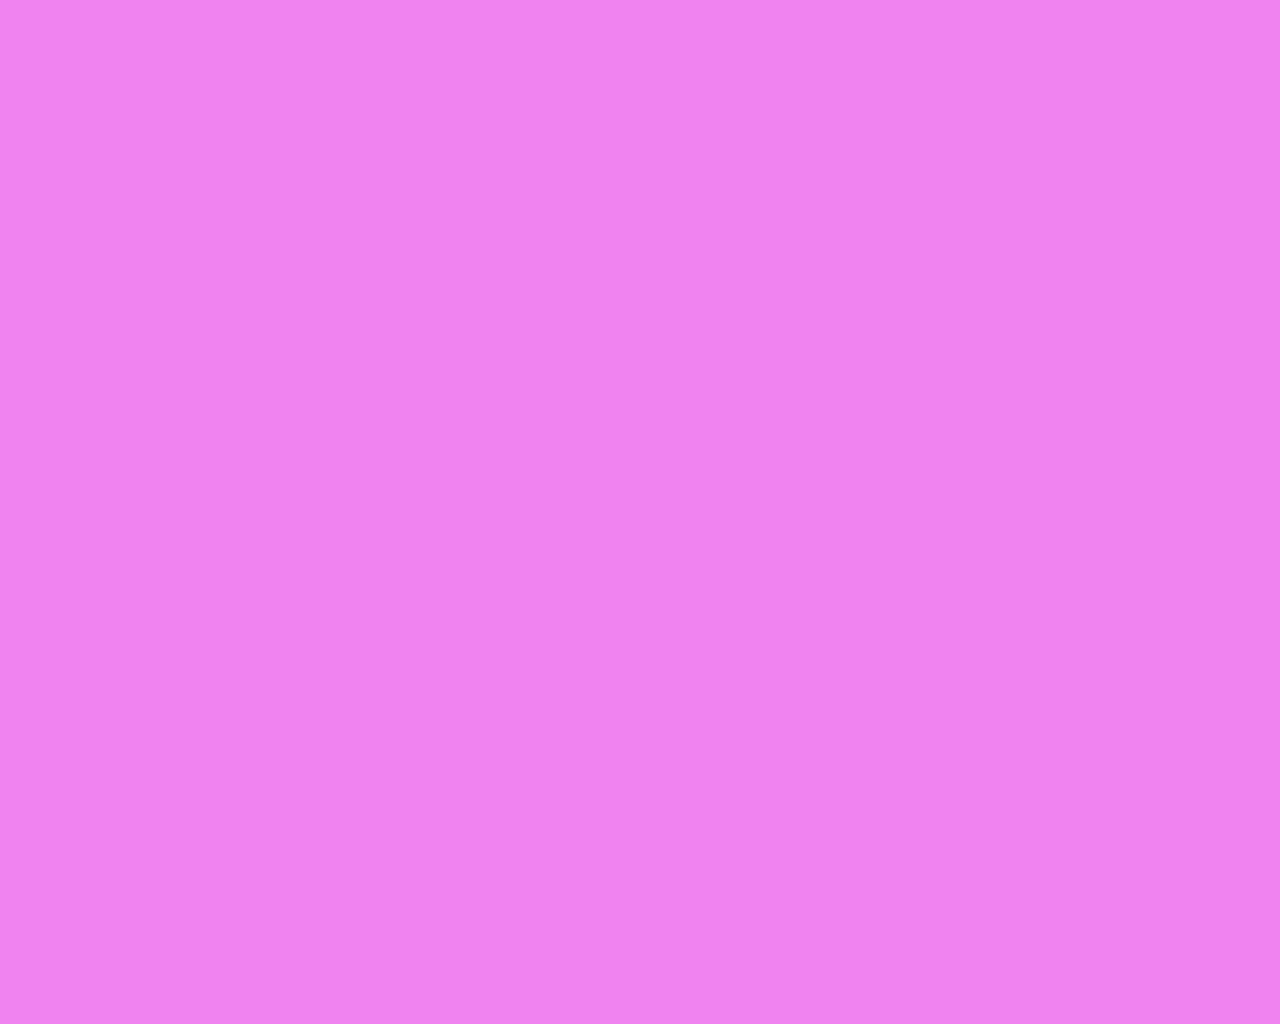 1280x1024 Violet Web Solid Color Background